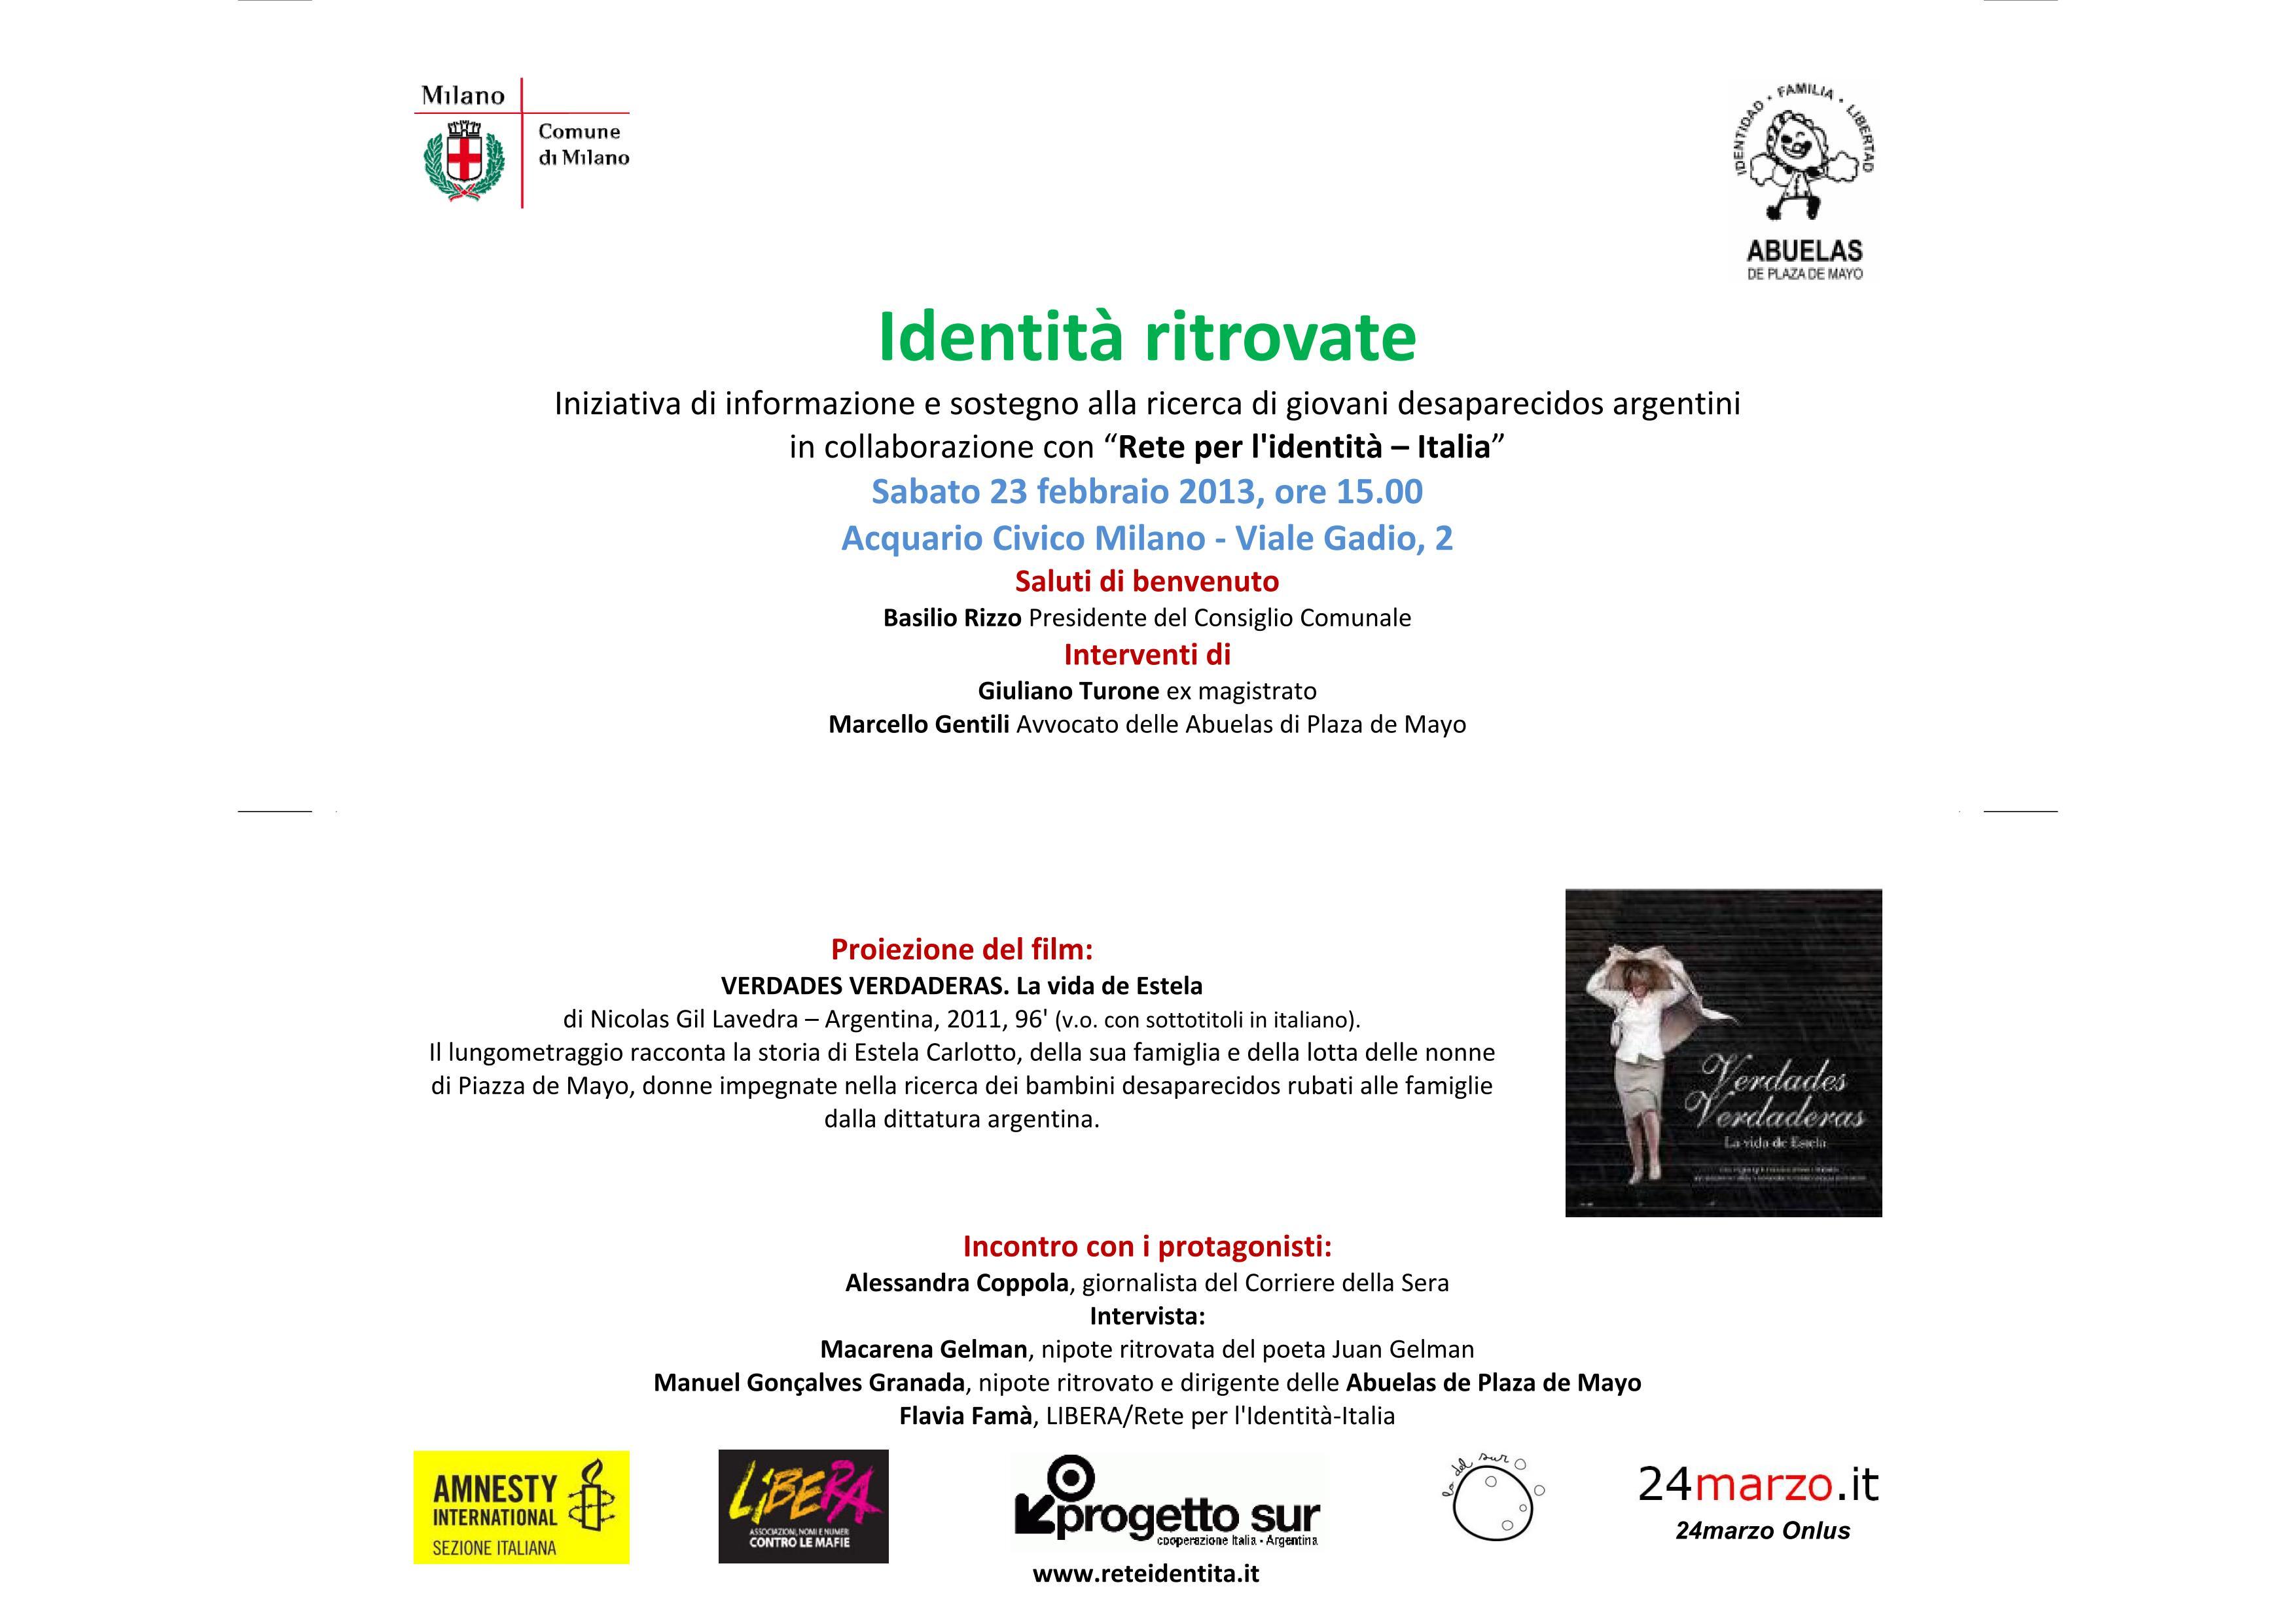 Desaparecidos in Argentina, un problema di identità. Perché parlarne.